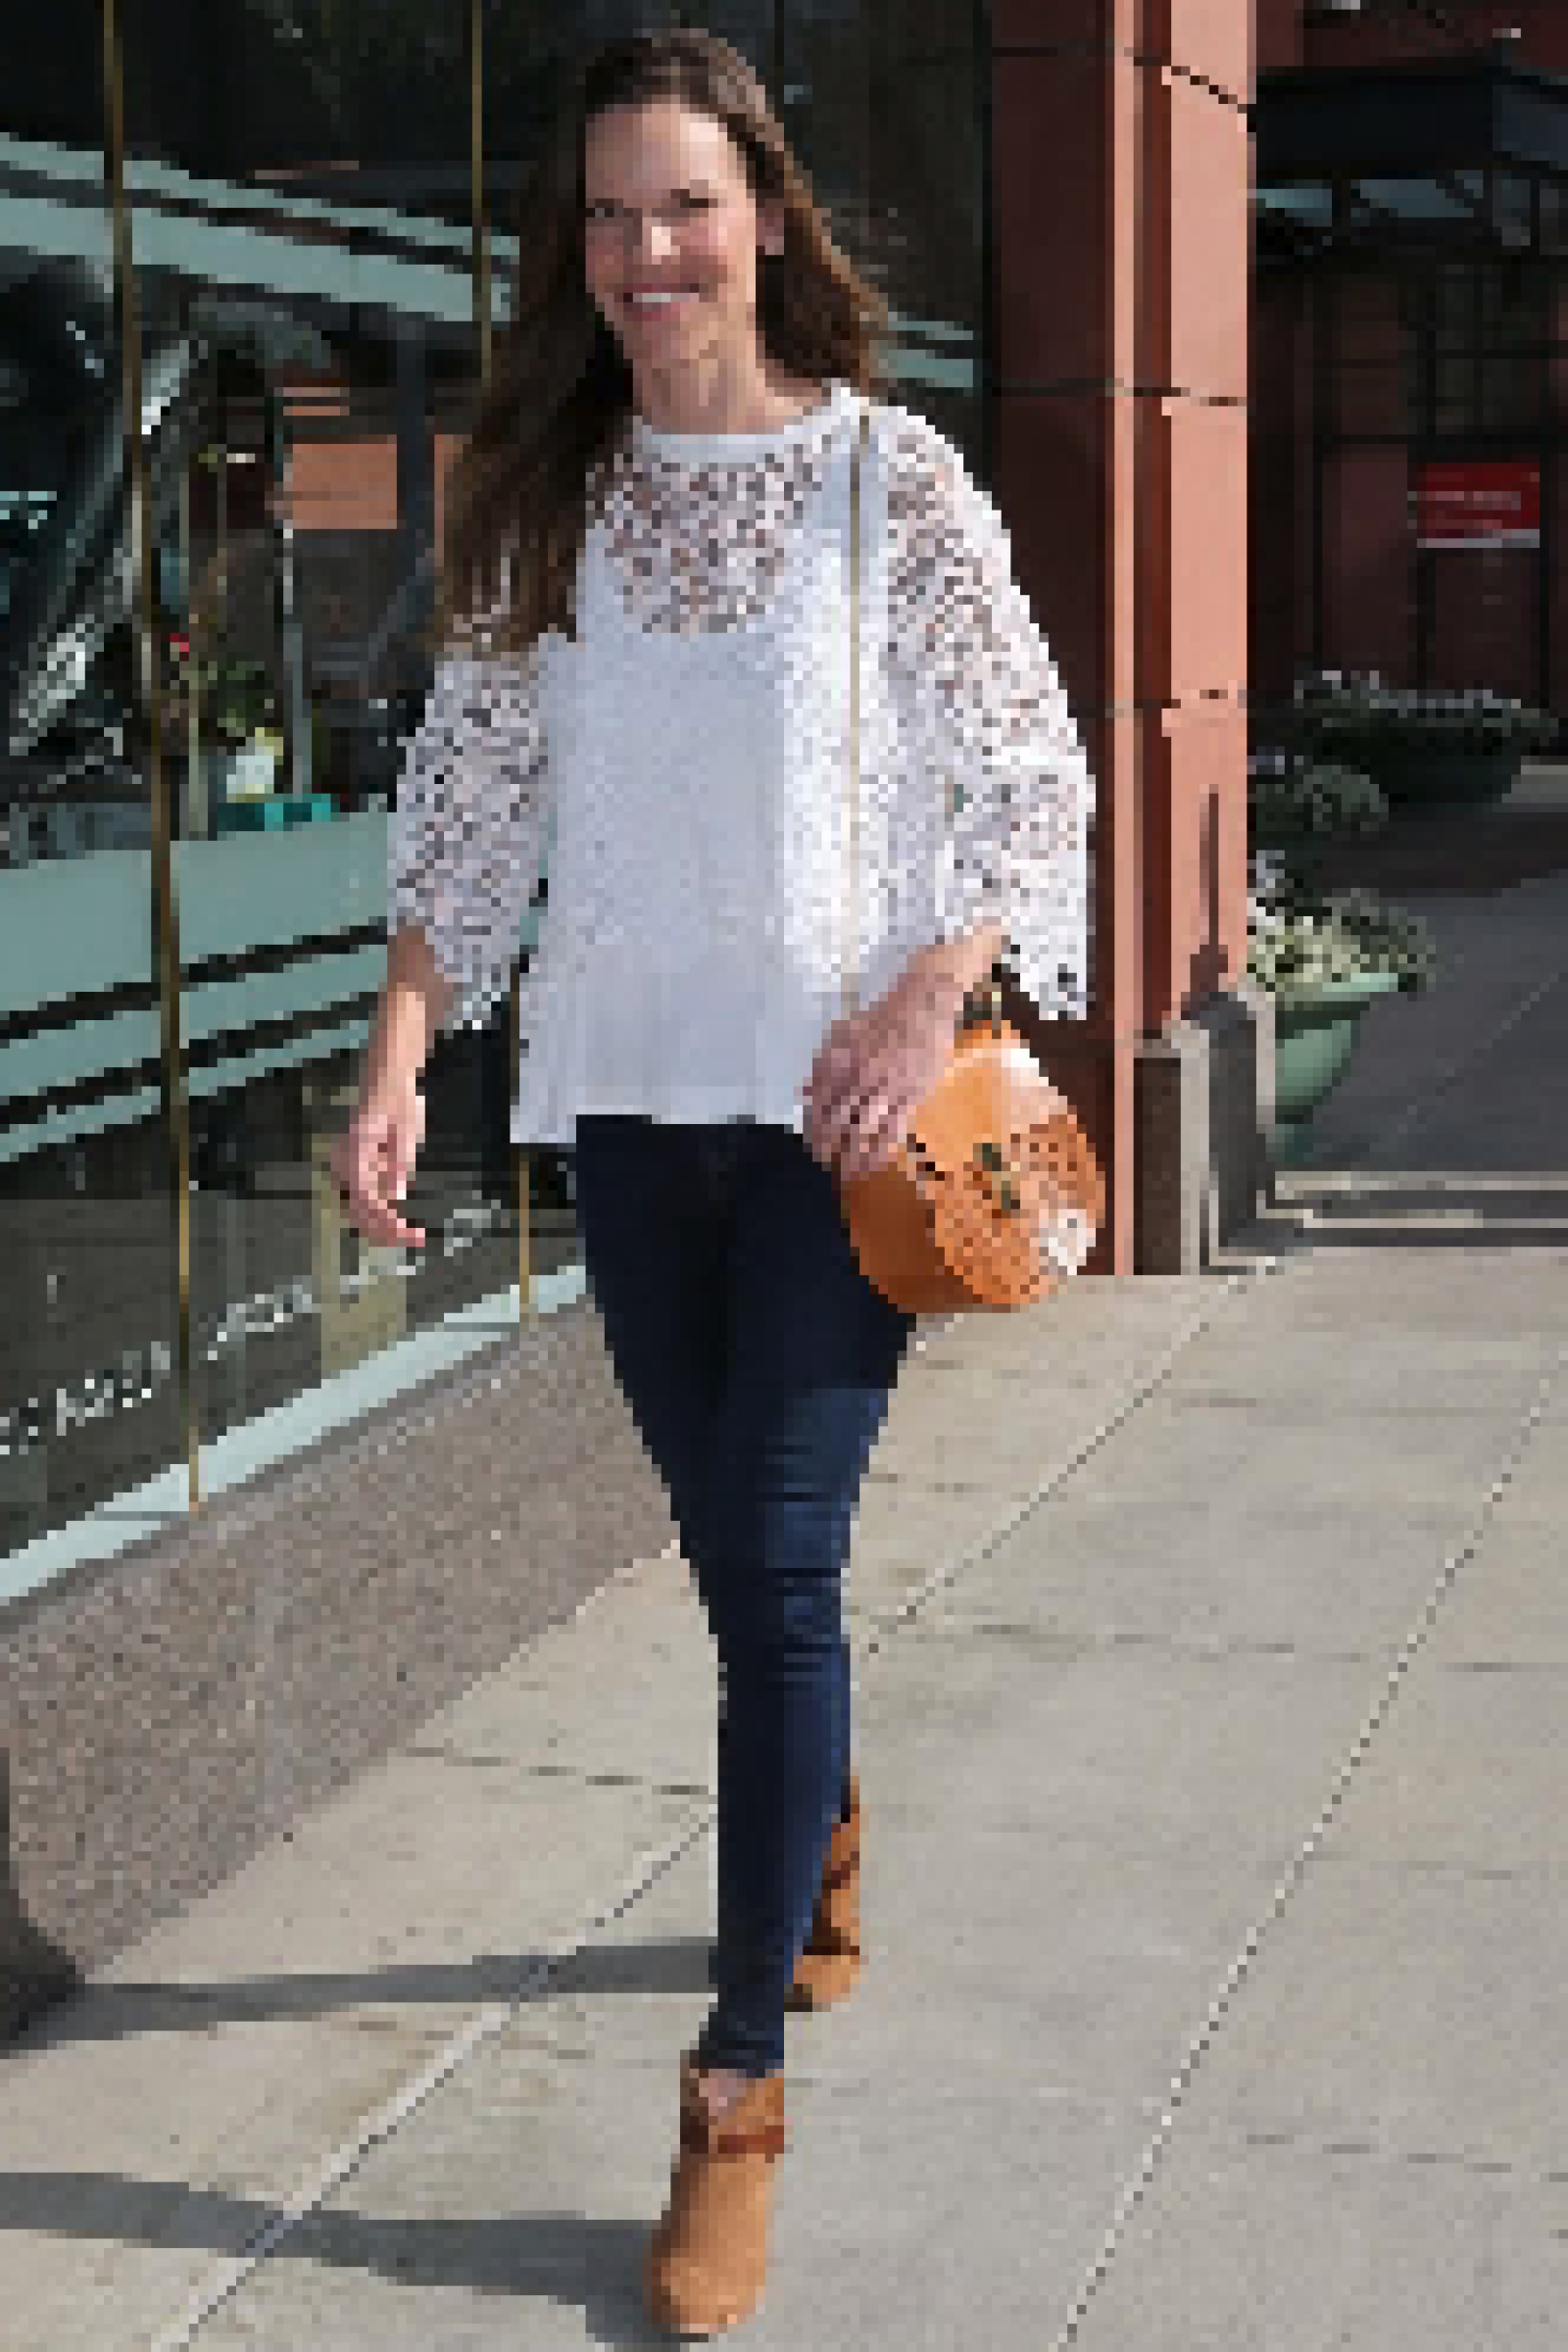 Hilary Swank disfrutando de un día en Beverly Hills con la codiciada bolsa Drew. La versión que lleva la ganadora del Oscar tiene perforaciones.